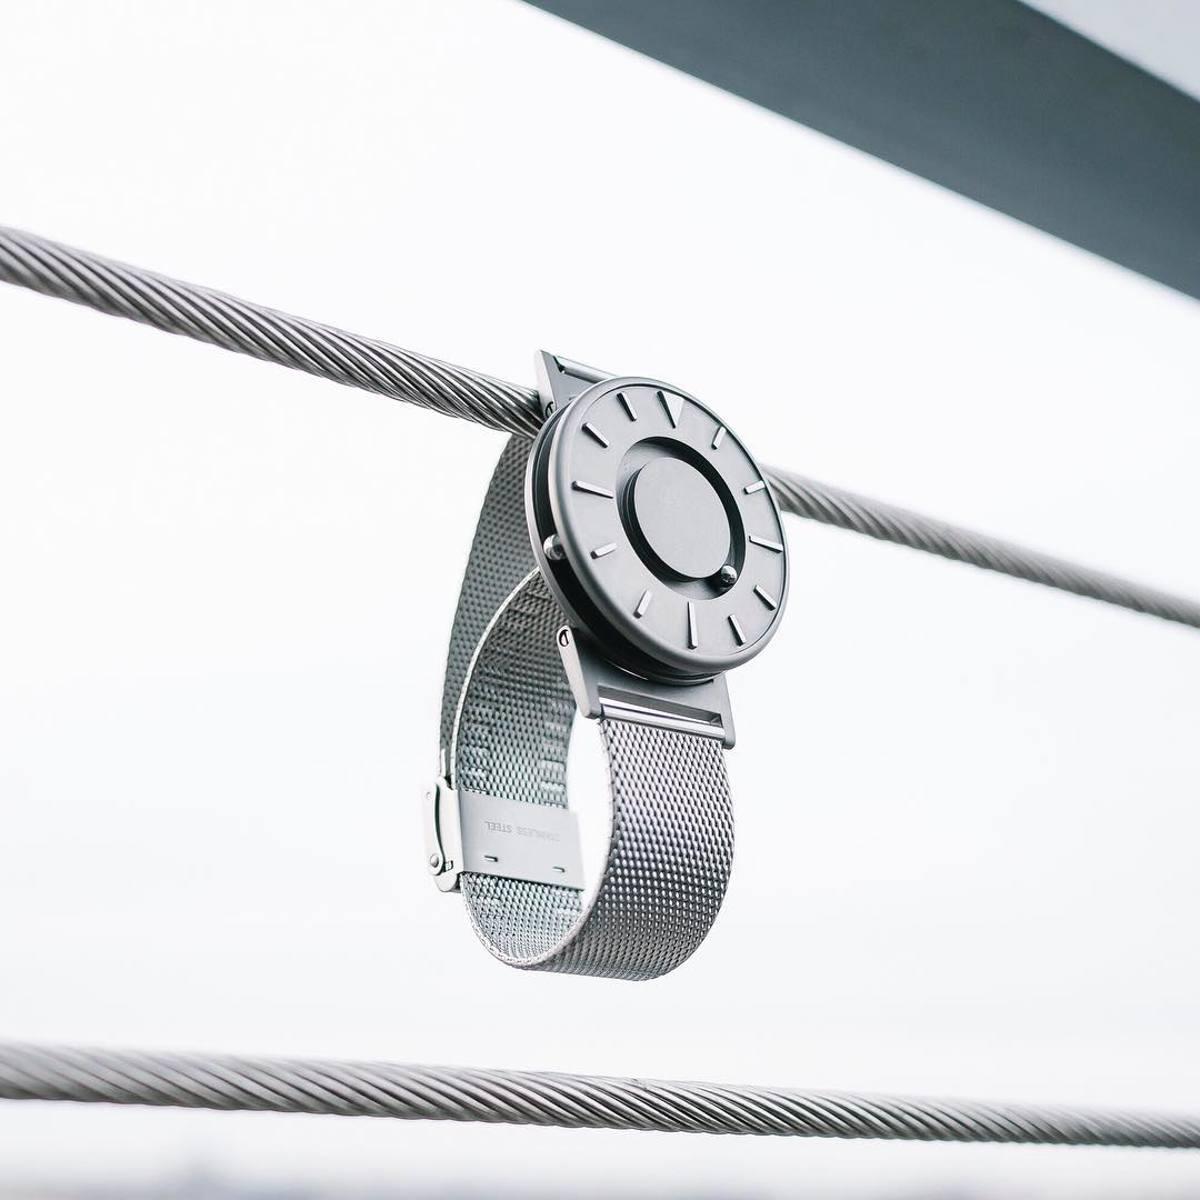 触る時計『EONE』|《交換用ストラップ》MESH BAND(EONE BRADLEY 専用)